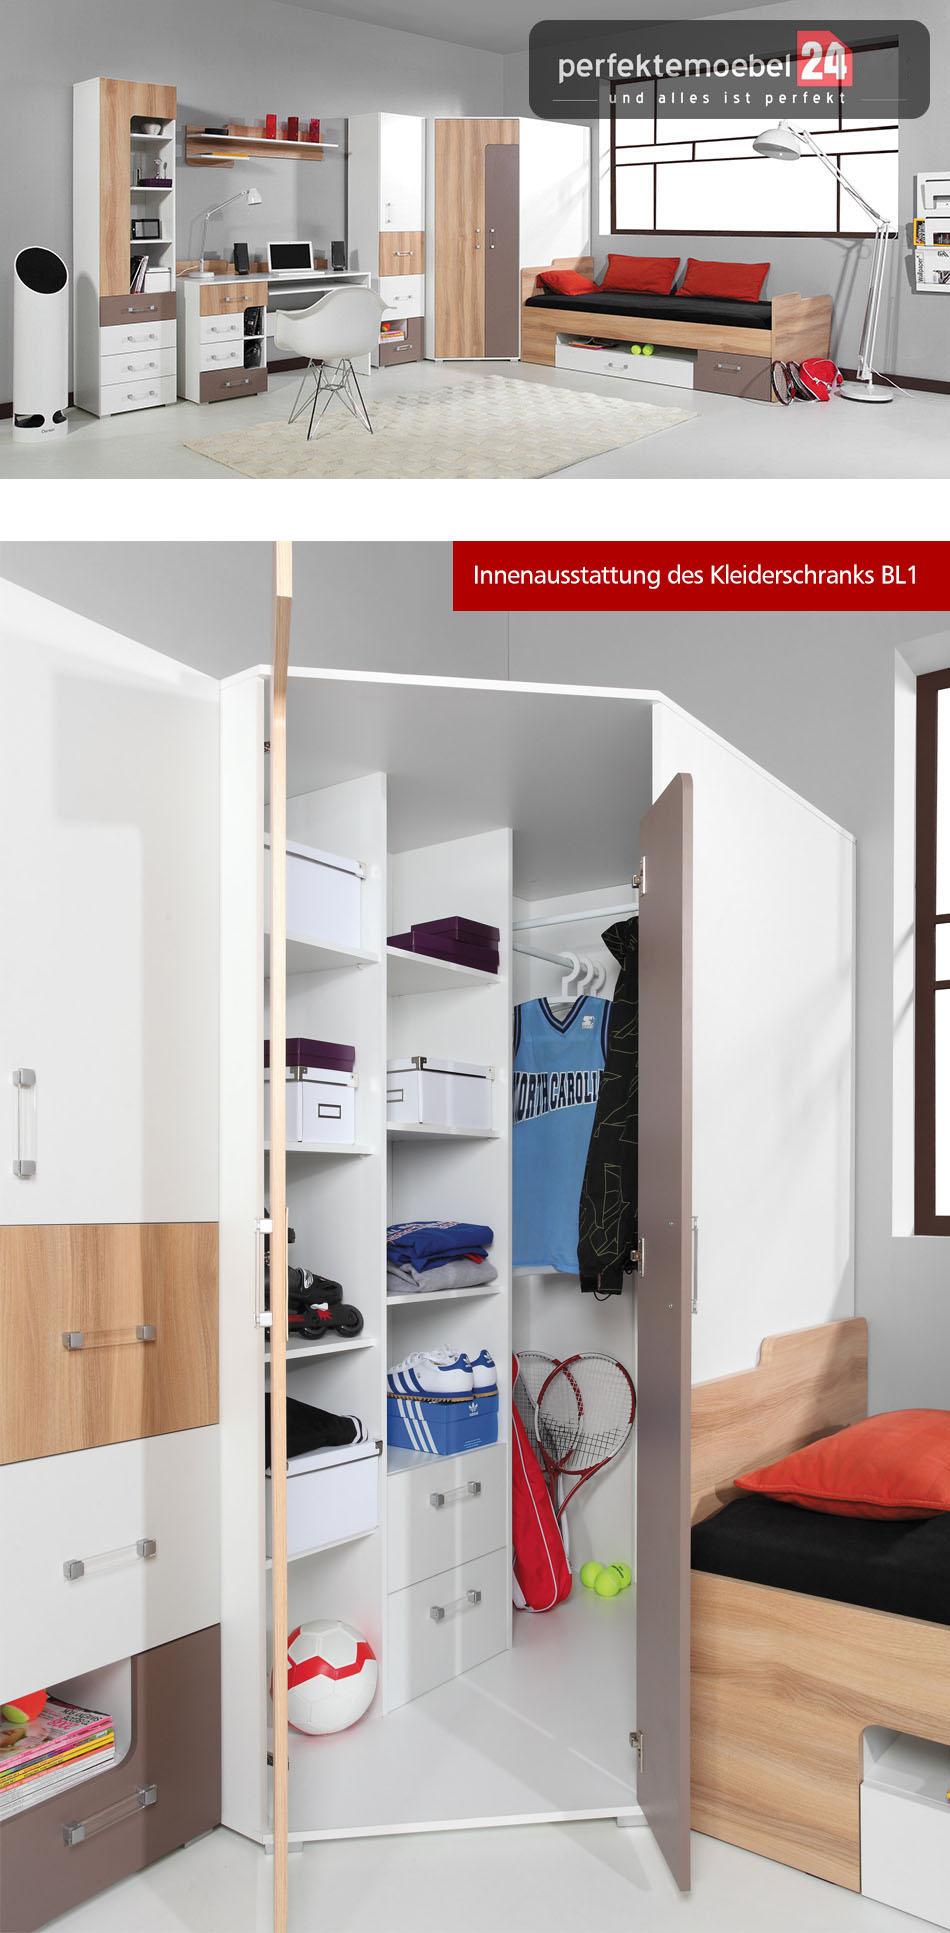 Full Size of Jugendzimmer Komplett Mit Bett Küche Eckschrank Bad Regal Kinderzimmer Weiß Sofa Regale Schlafzimmer Wohnzimmer Kinderzimmer Eckschrank